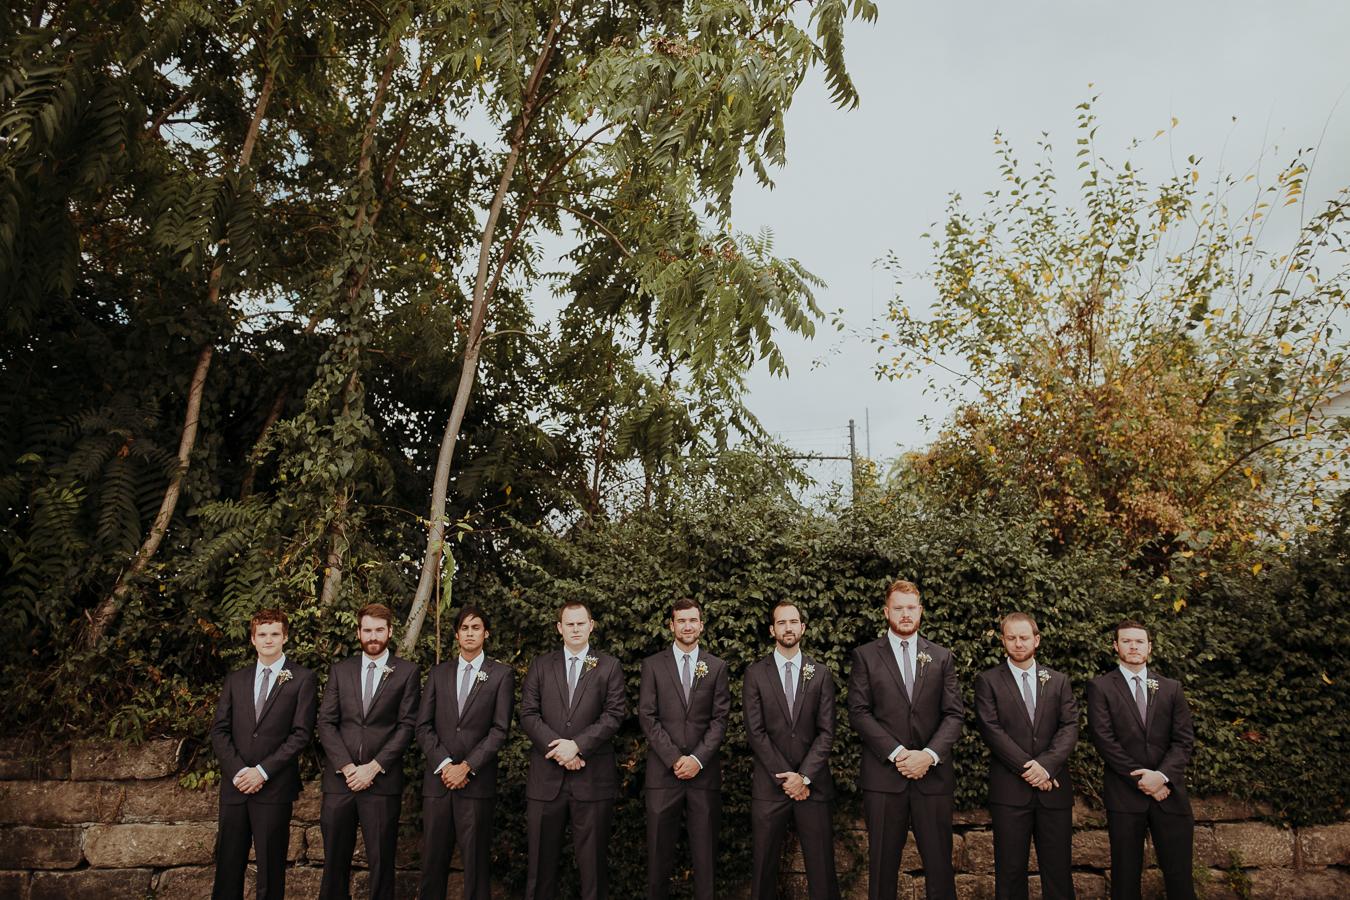 Nashville Wedding Photograpger - Photography Anthology-39.jpg